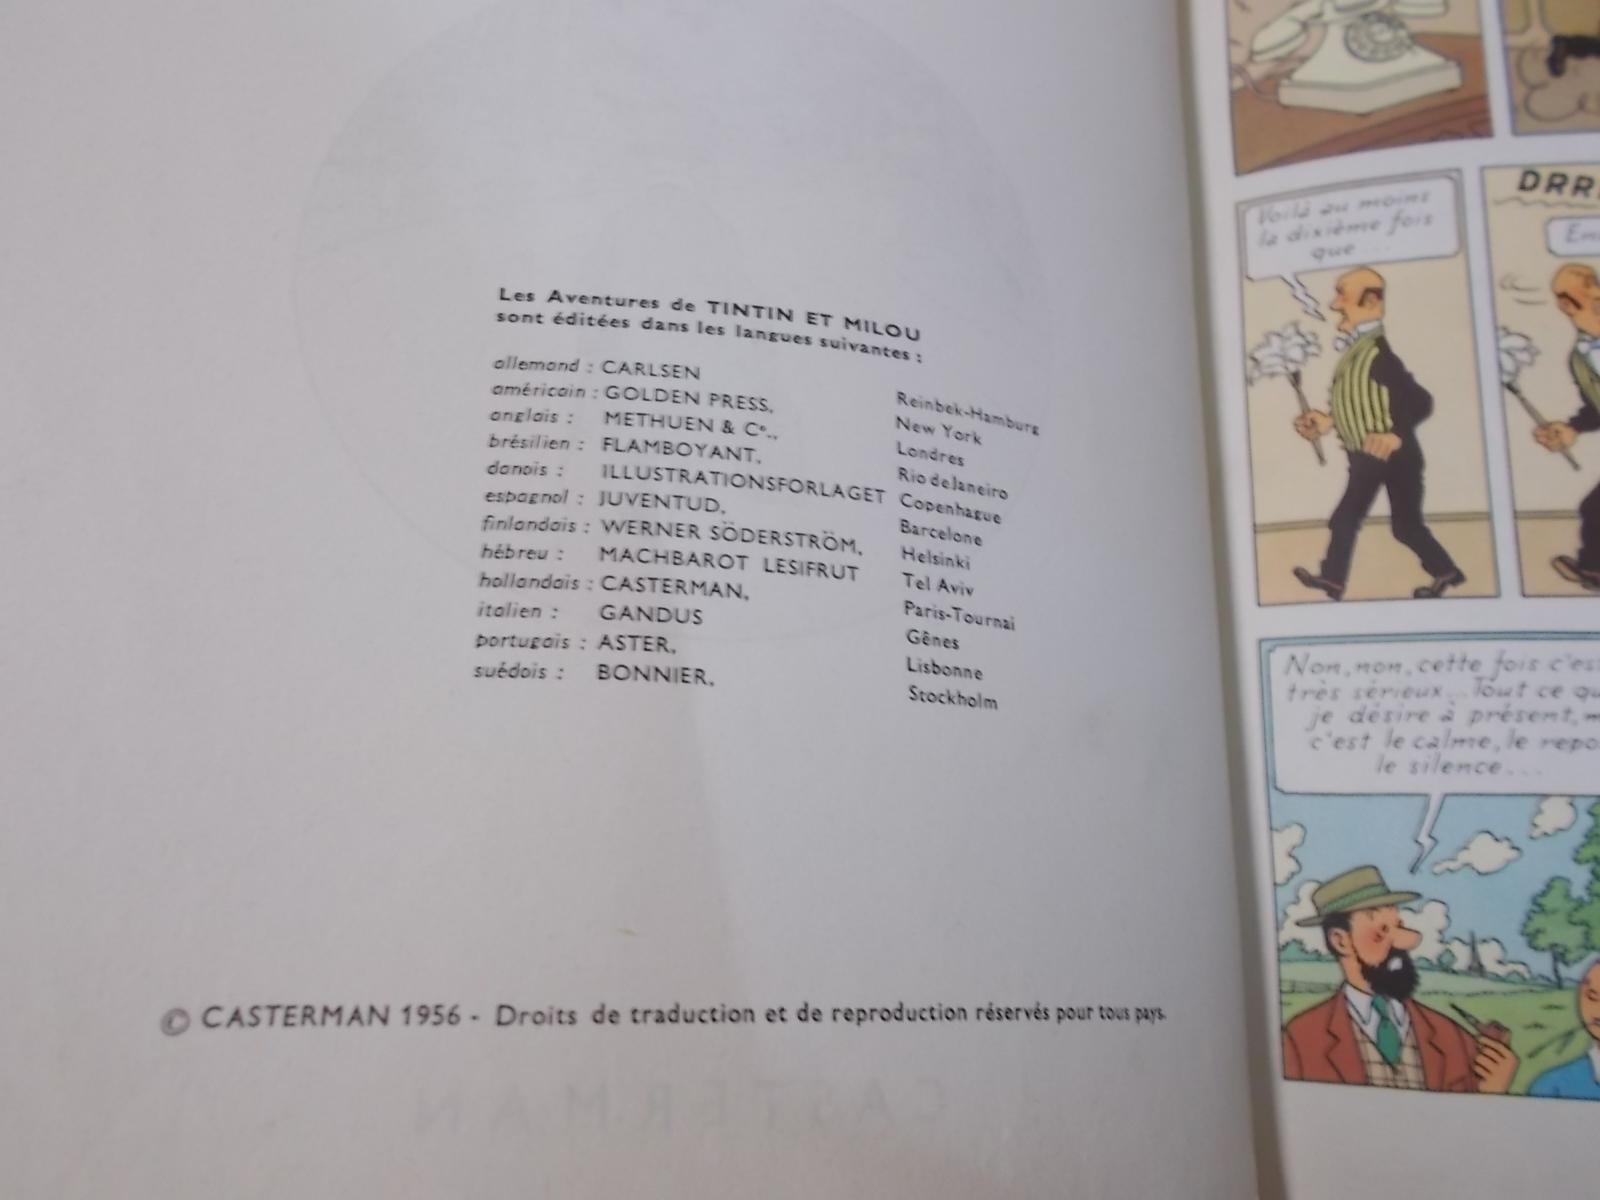 Les aventures de tintin l affaire tournesol casterman hardcover